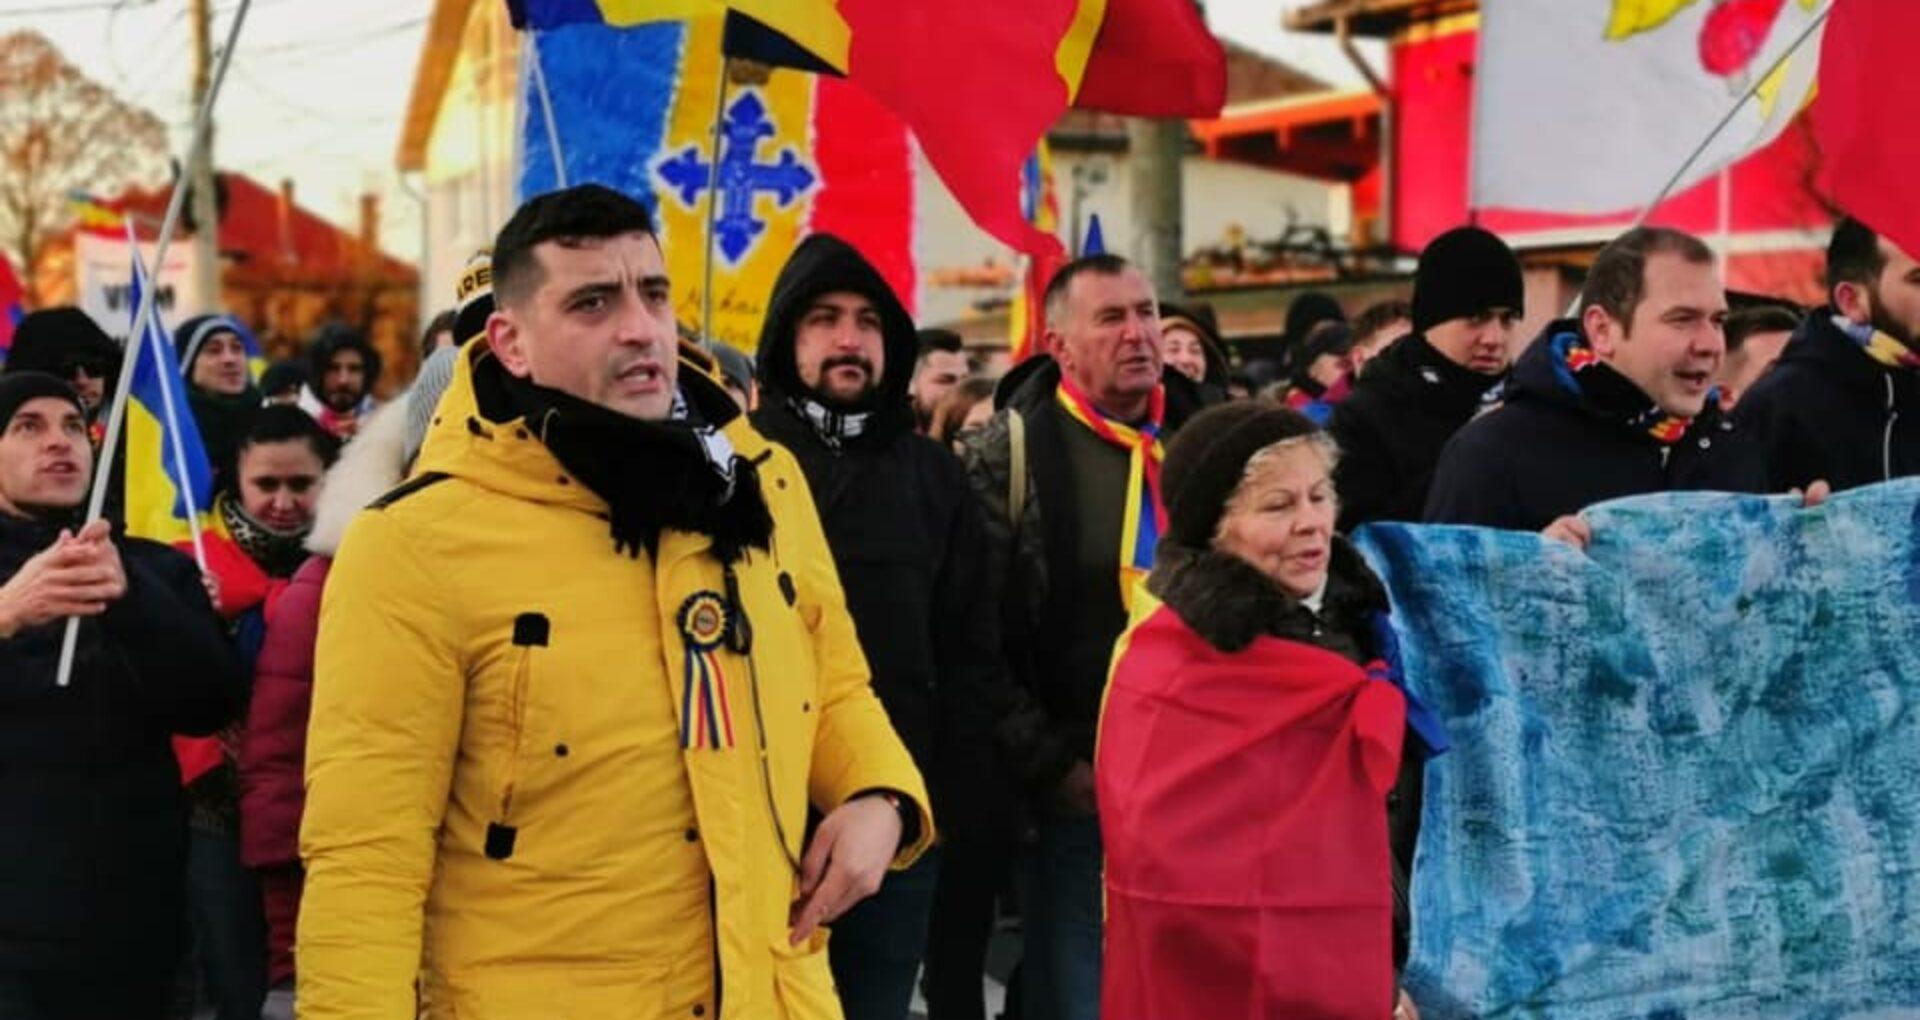 FOTO/VIDEO. La Alba Iulia s-a lansat un nou partid unionist în frunte cu  George Simion: Alianța pentru Unirea Românilor